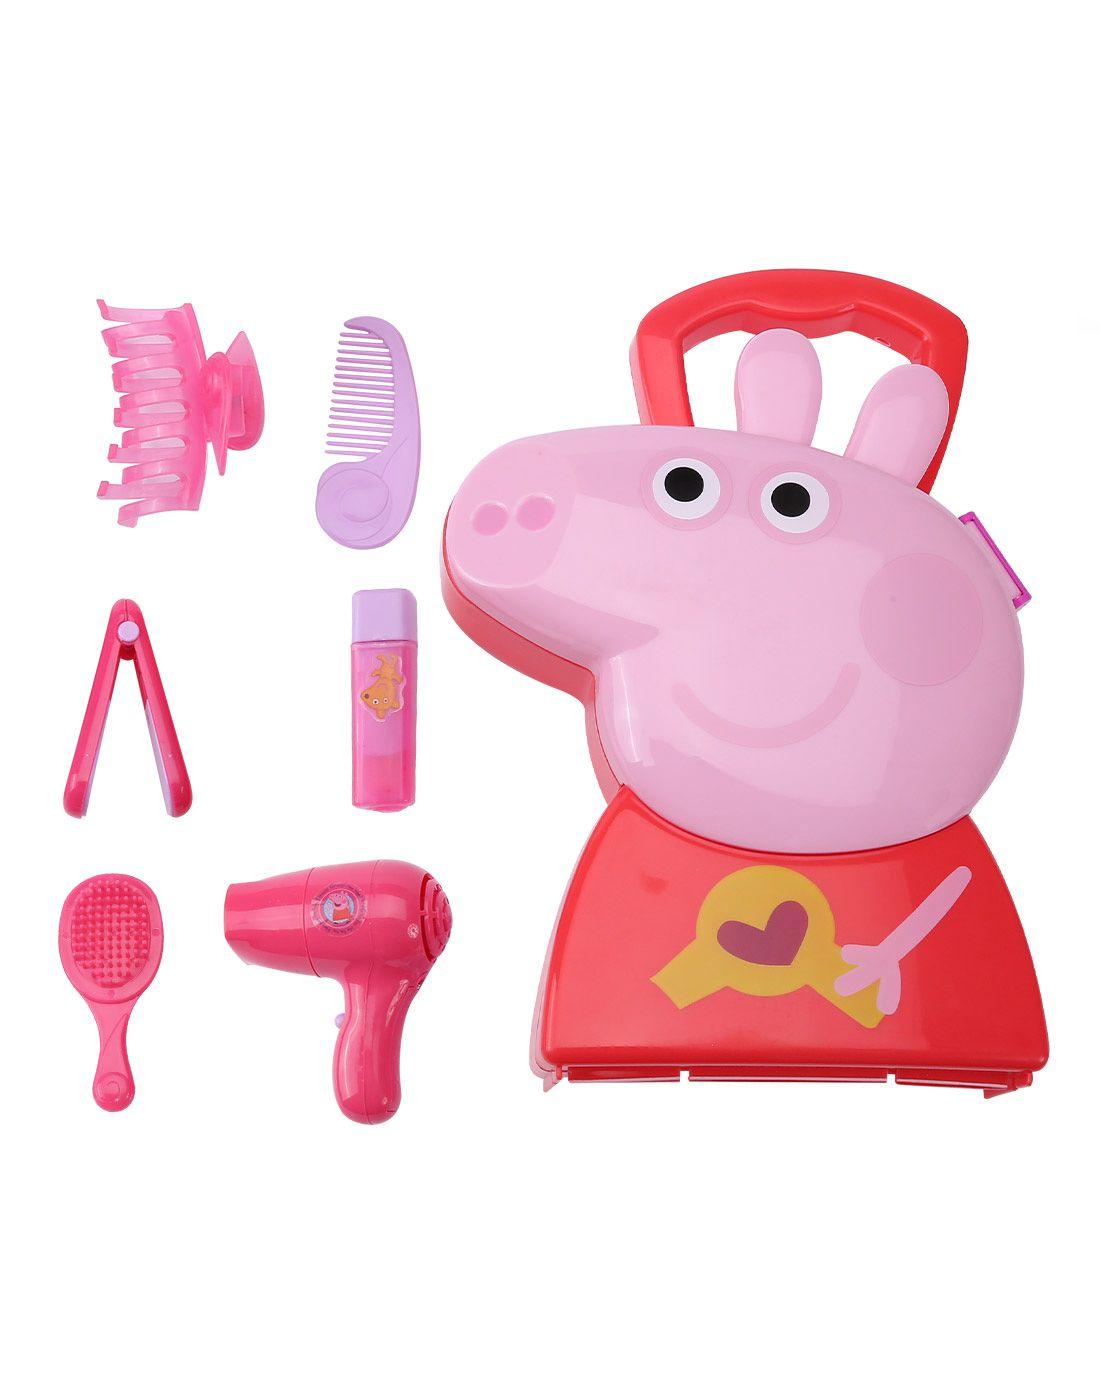 小猪佩奇 角色扮演系列玩具 造型师手提盒